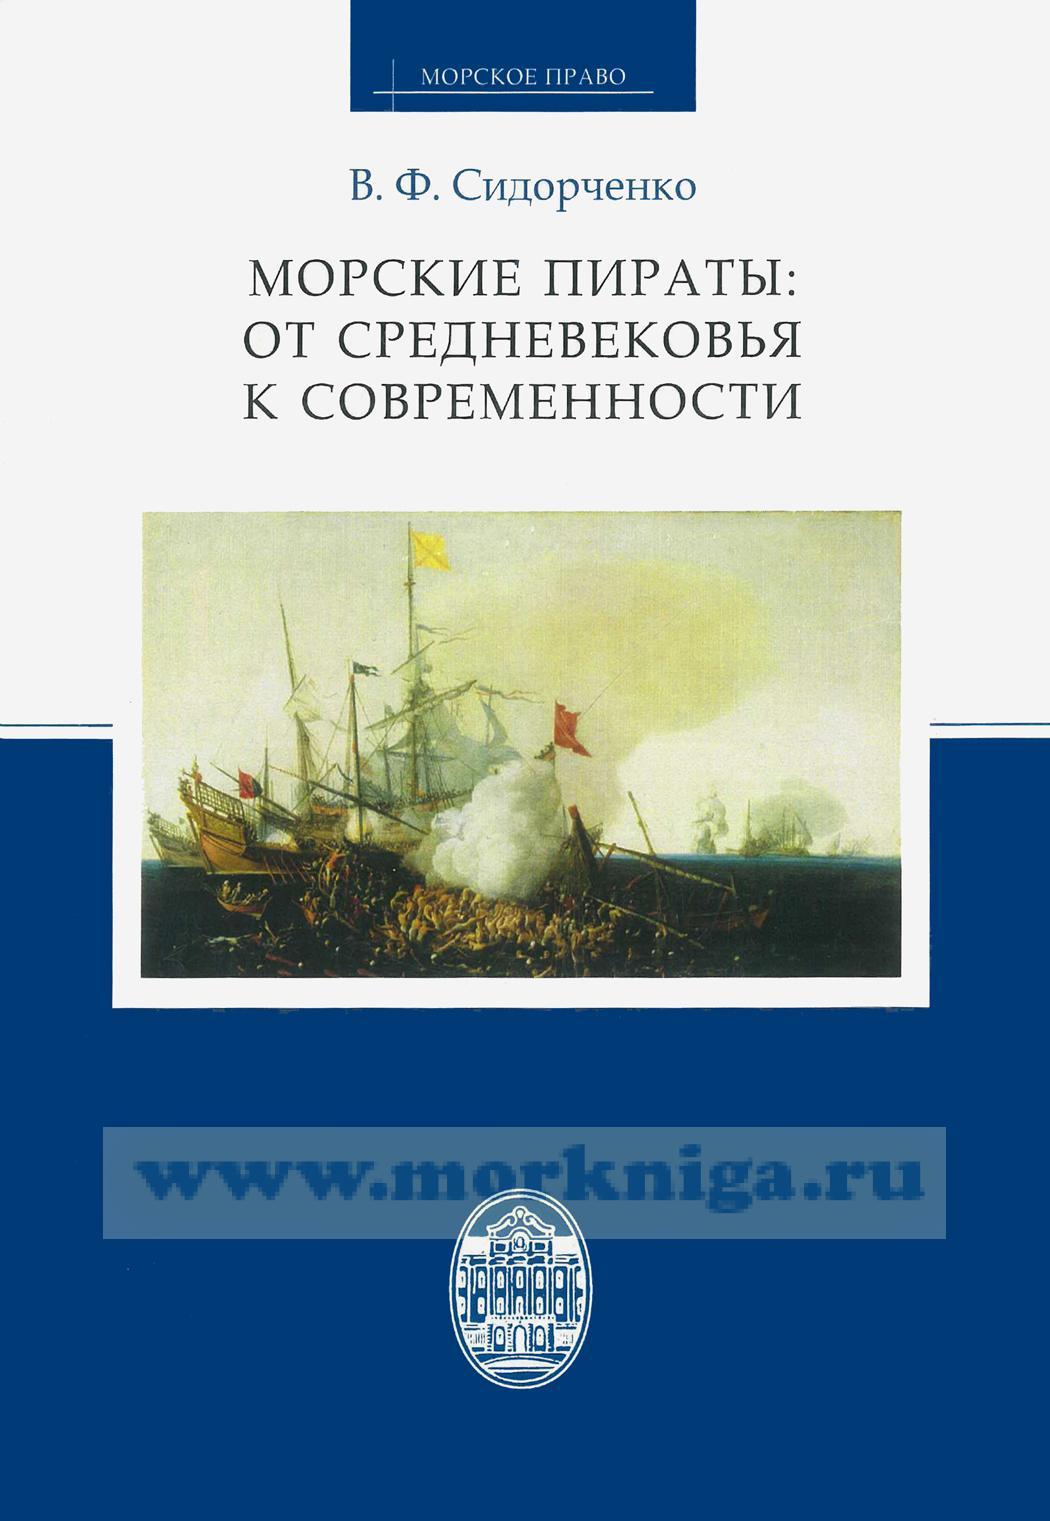 Морские пираты: от Средневековья к современности